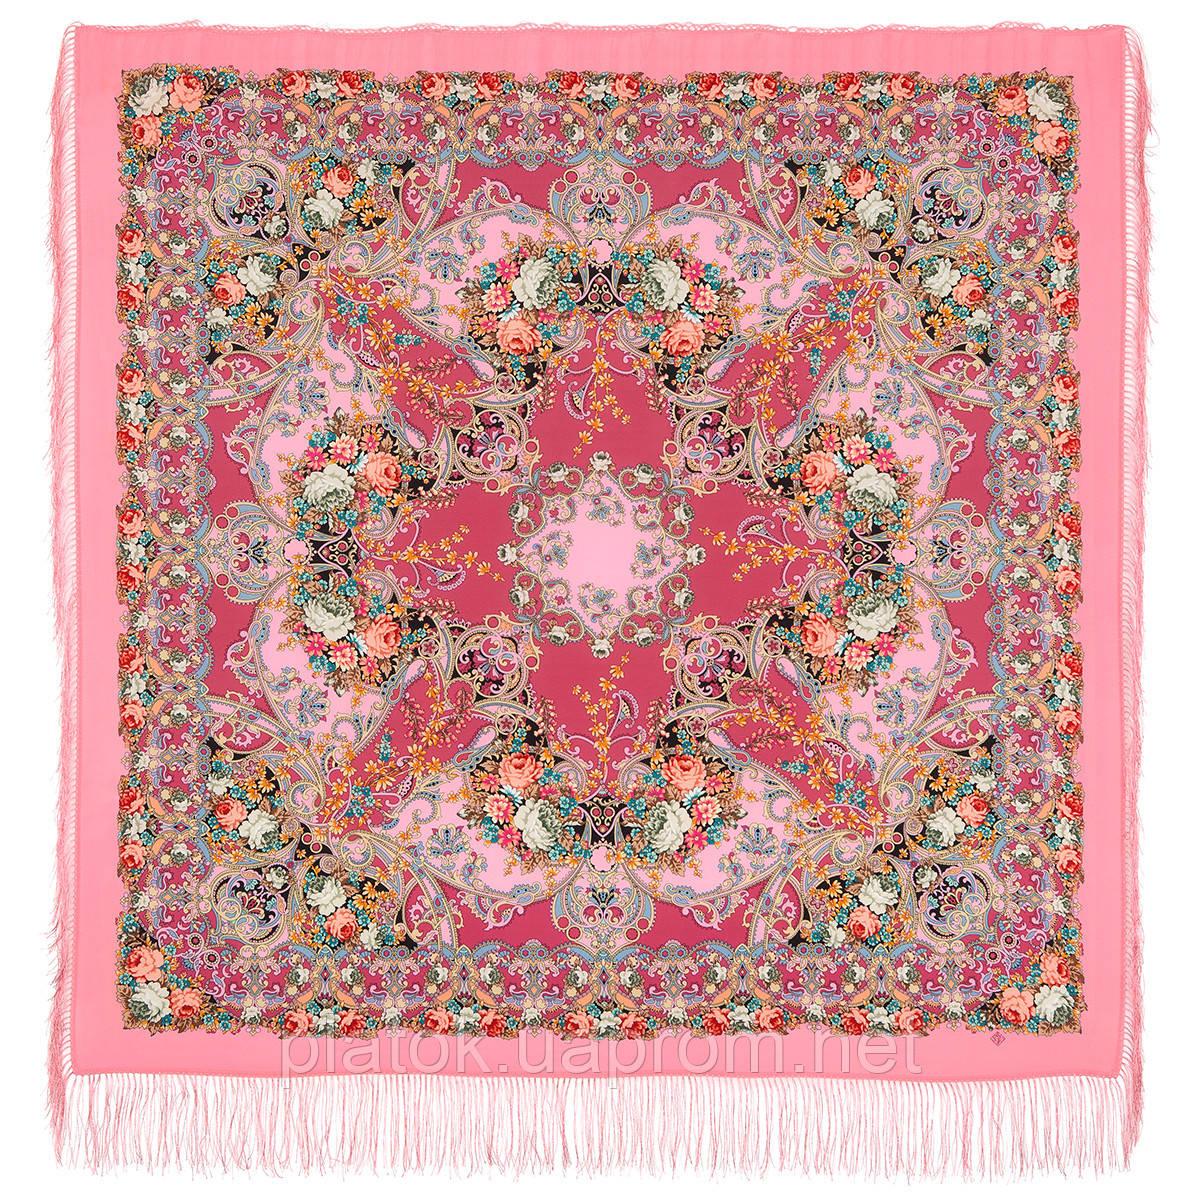 Кружевной 951-3, павлопосадский платок (шаль, крепдешин) шелковый с шелковой бахромой